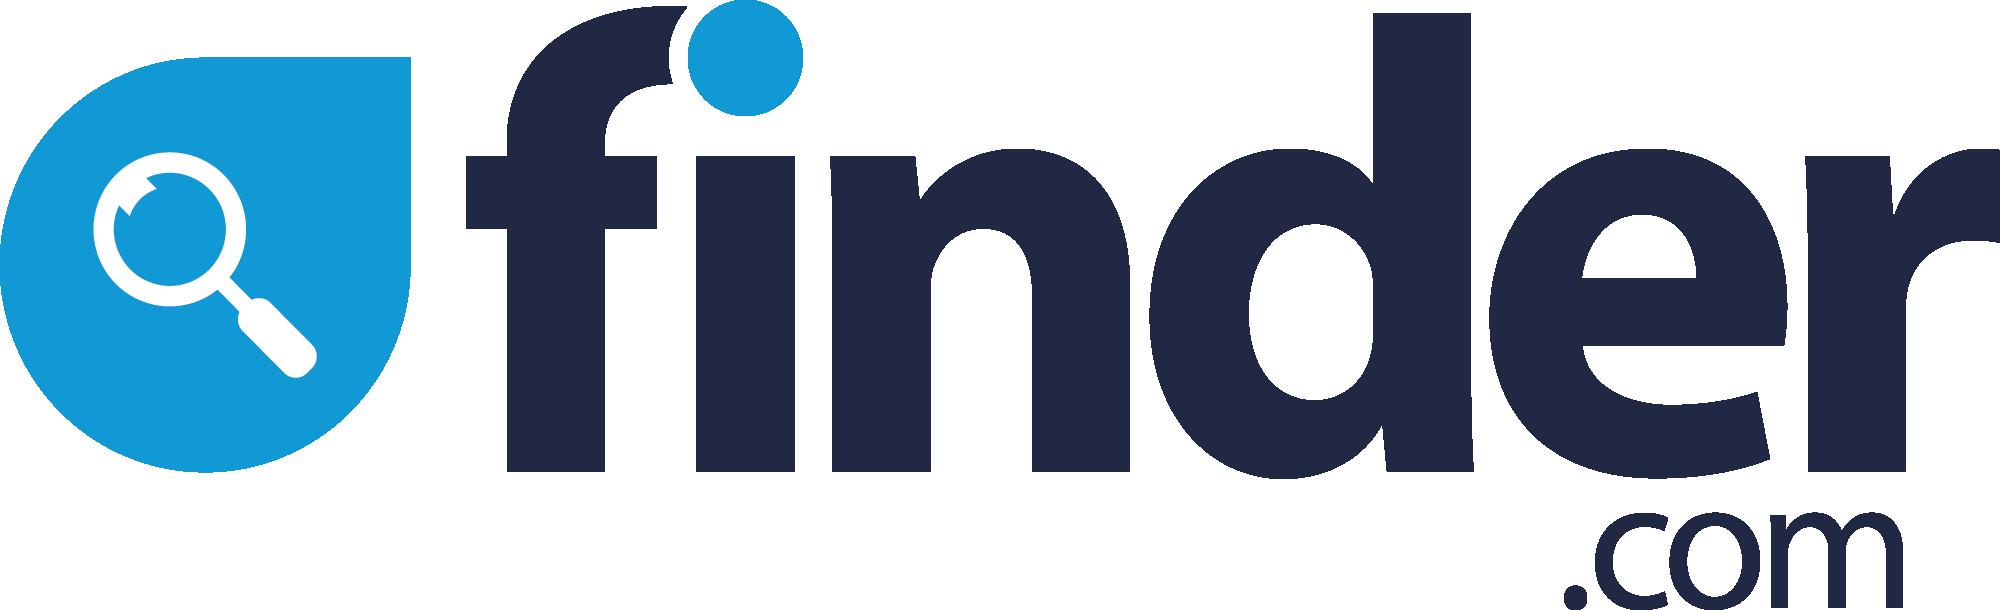 co-founder of Finder